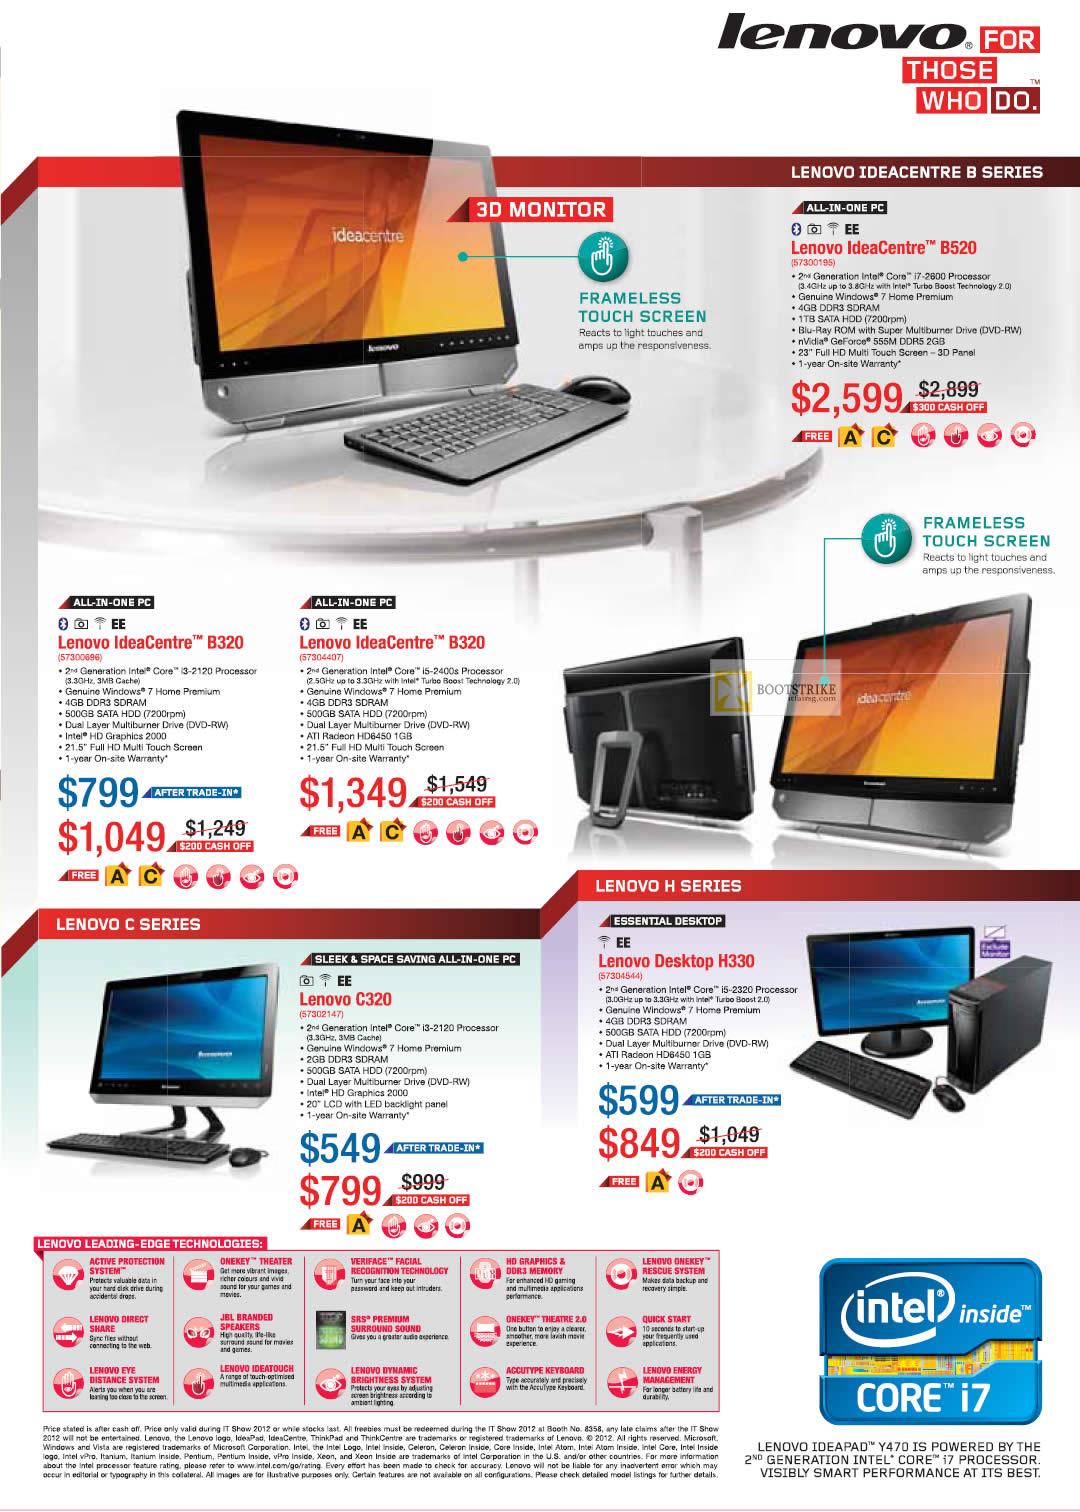 IT SHOW 2012 price list image brochure of Lenovo AIO Desktop PC IdeaCentre B320, B520, C320, Desktop PC H330